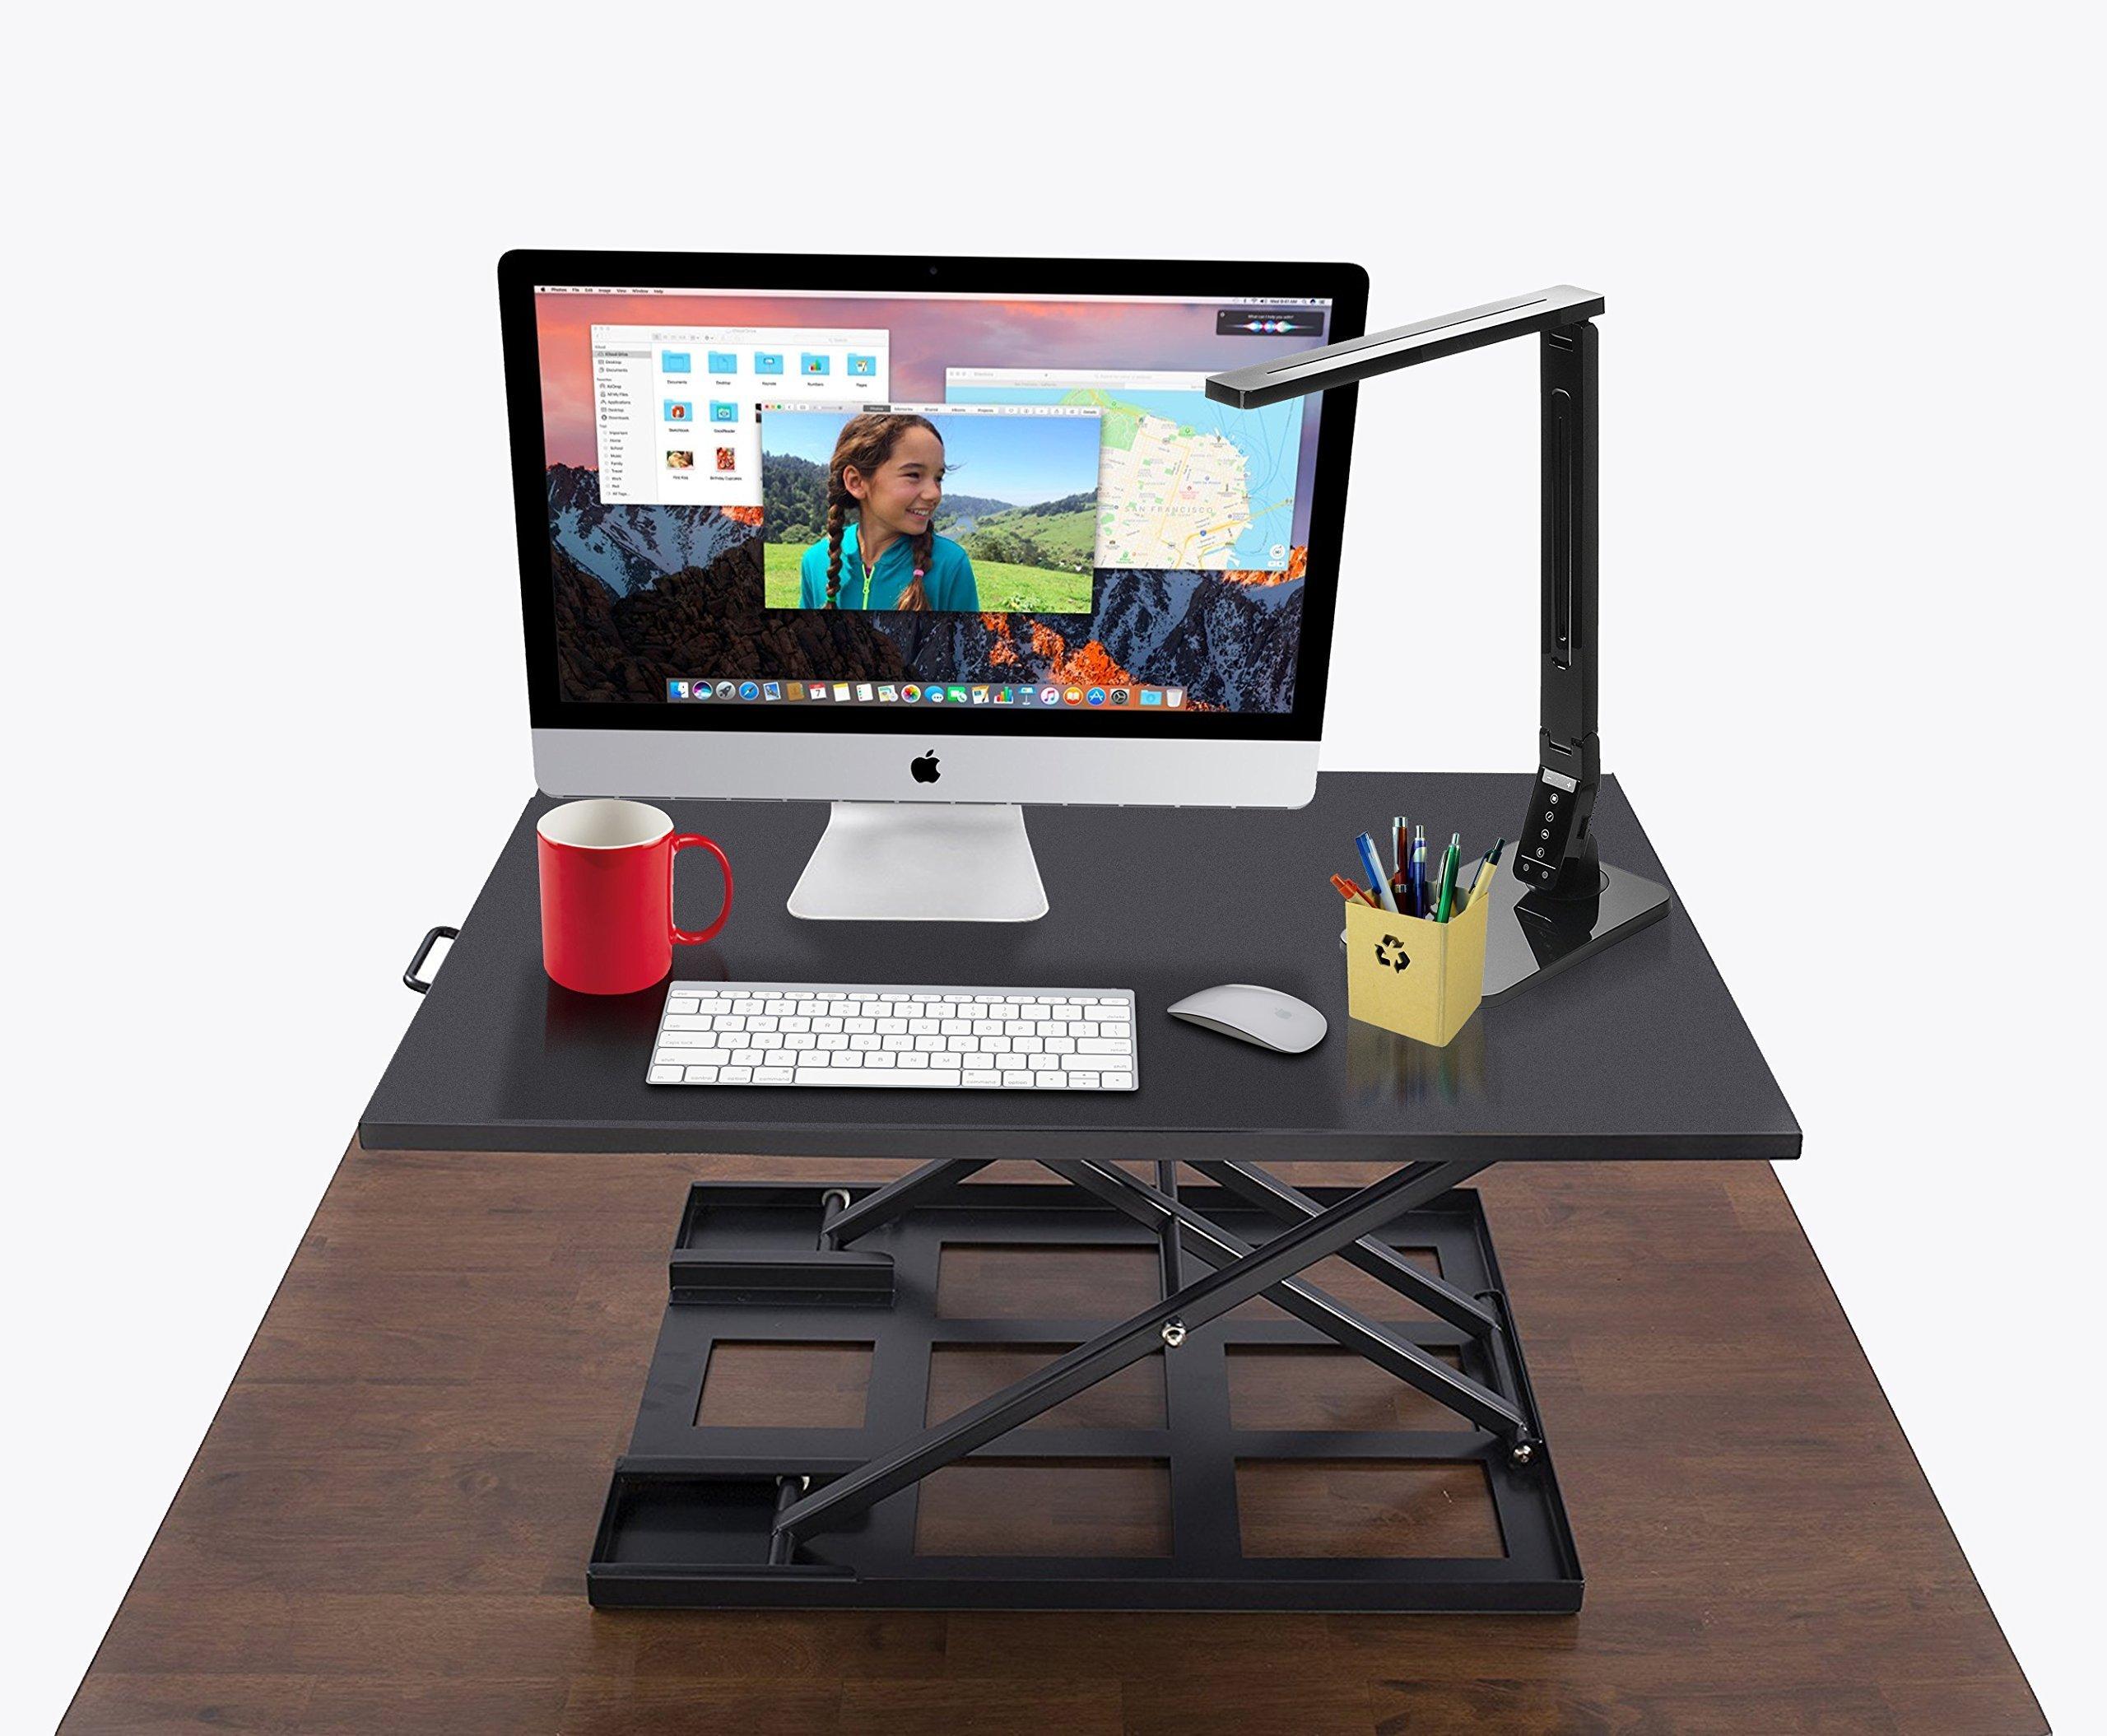 Standing Desk Converter - Standup Ergonomic Height Adjustable Desktop Workstation - 32 X 22 Inch Extra Large Sit Stand Desk Riser for a Dual Monitor Setup - Table Jack by Deskool